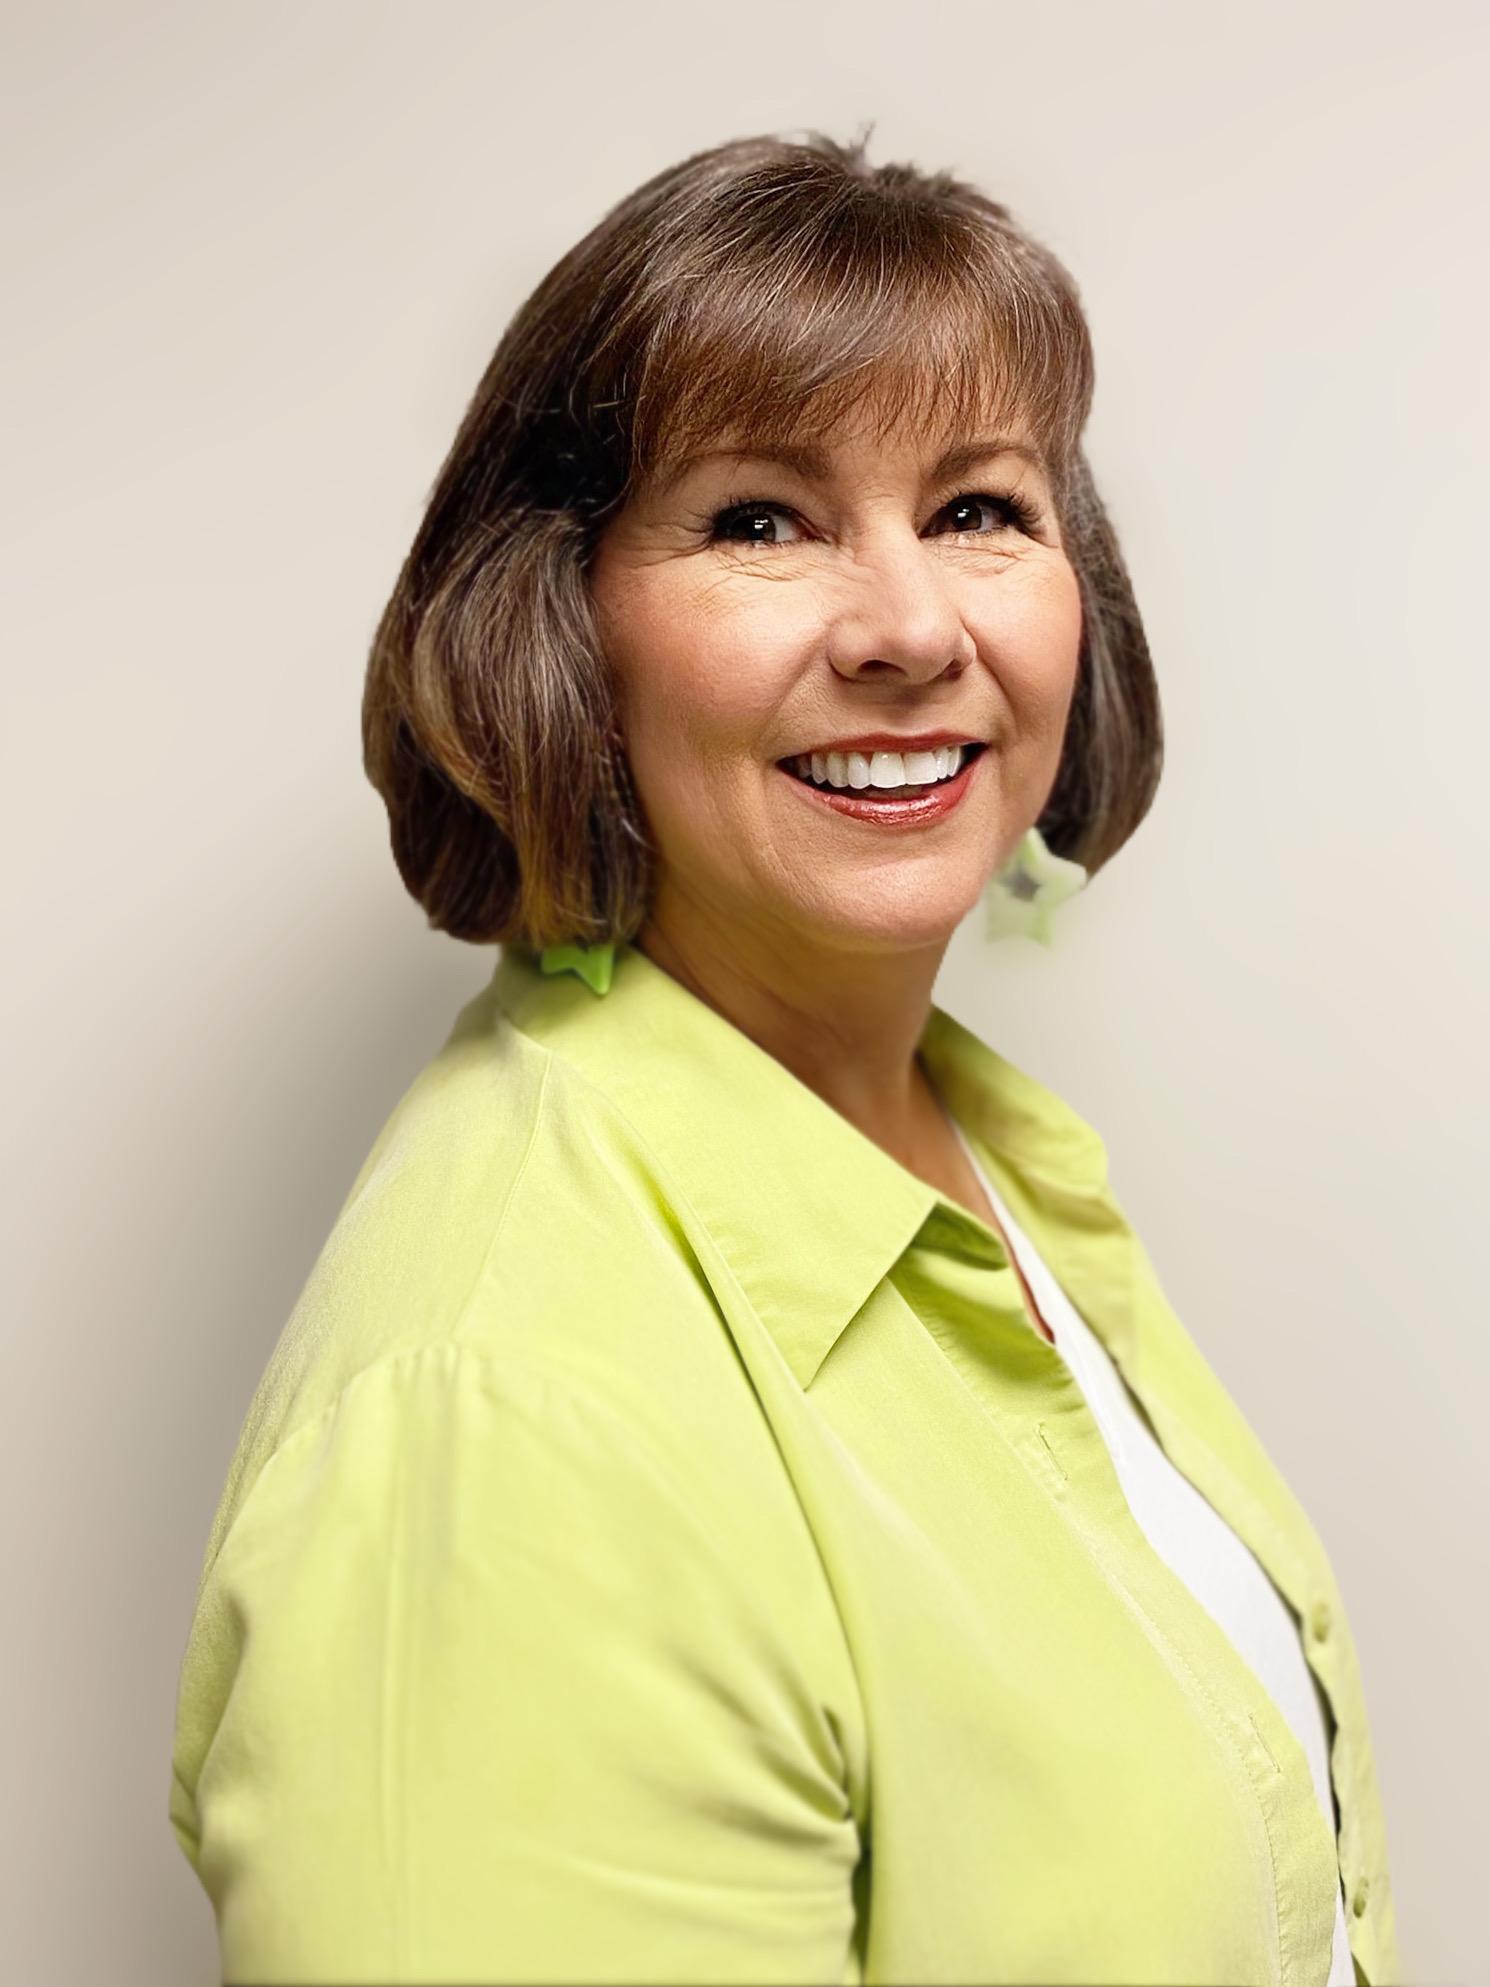 Marian Brakefield